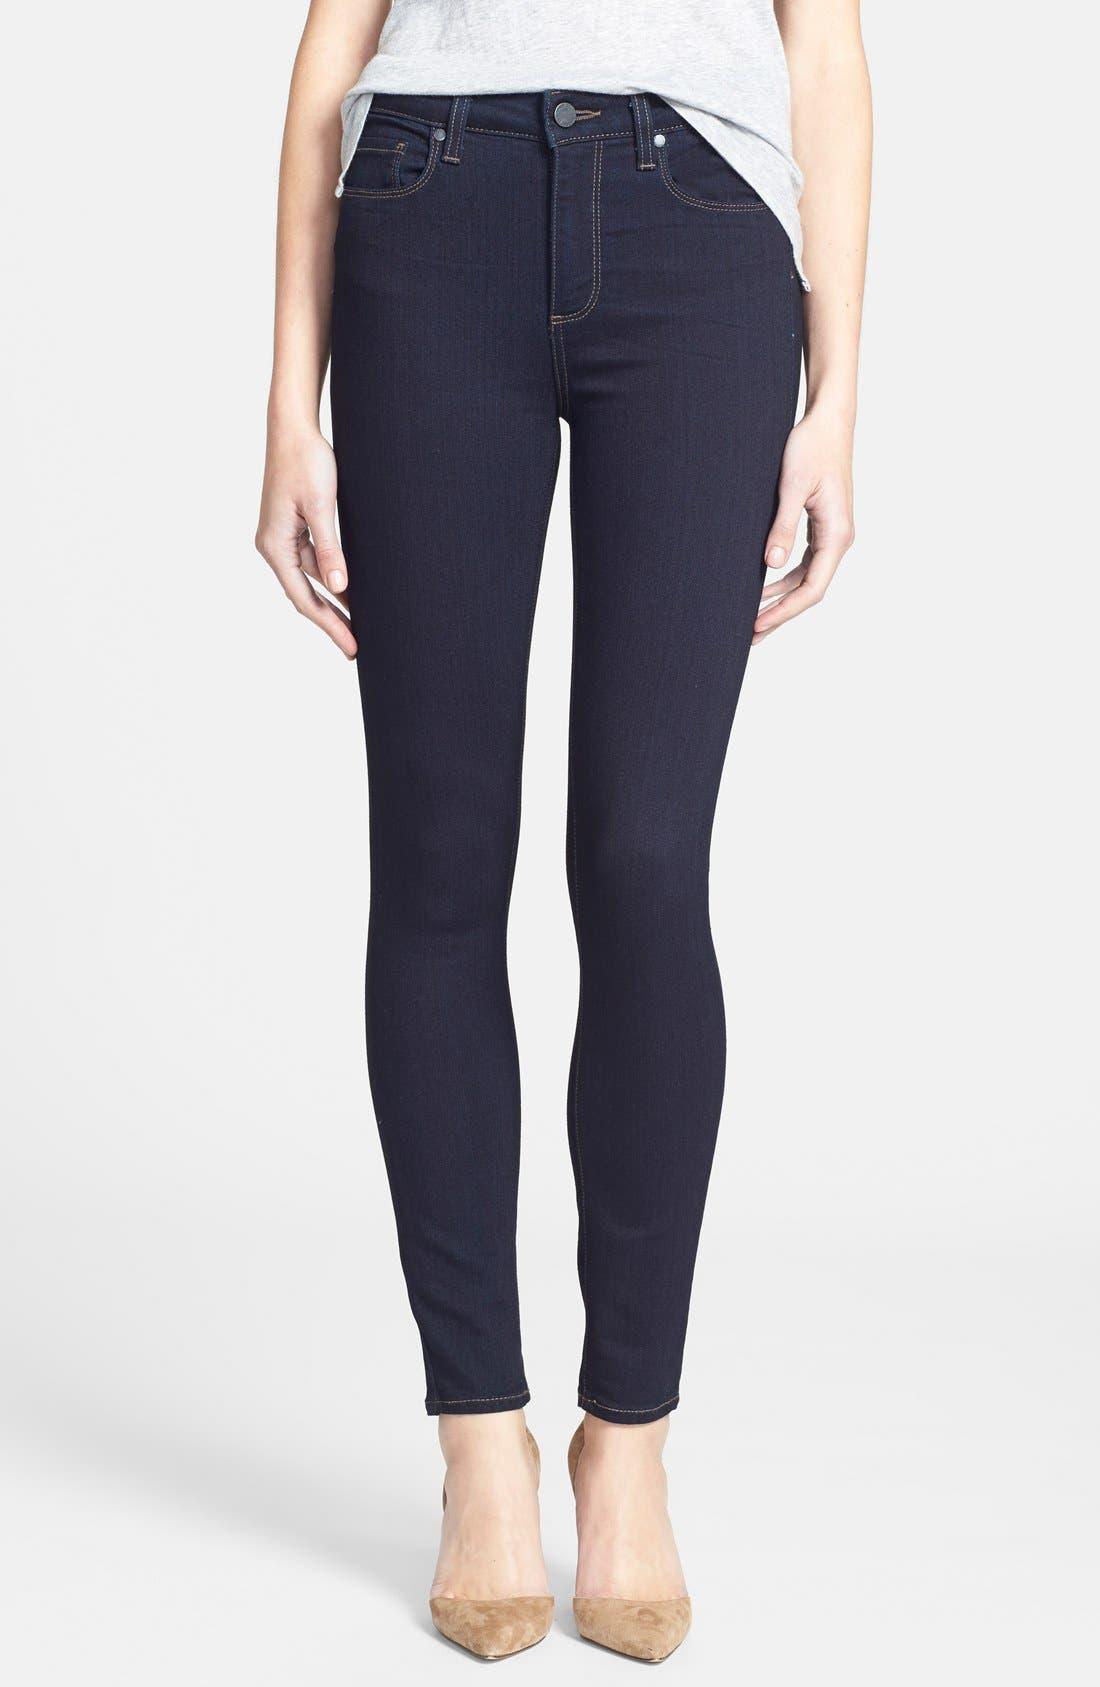 Denim 'Transcend - Hoxton' High Rise Ankle Jeans,                             Main thumbnail 1, color,                             001